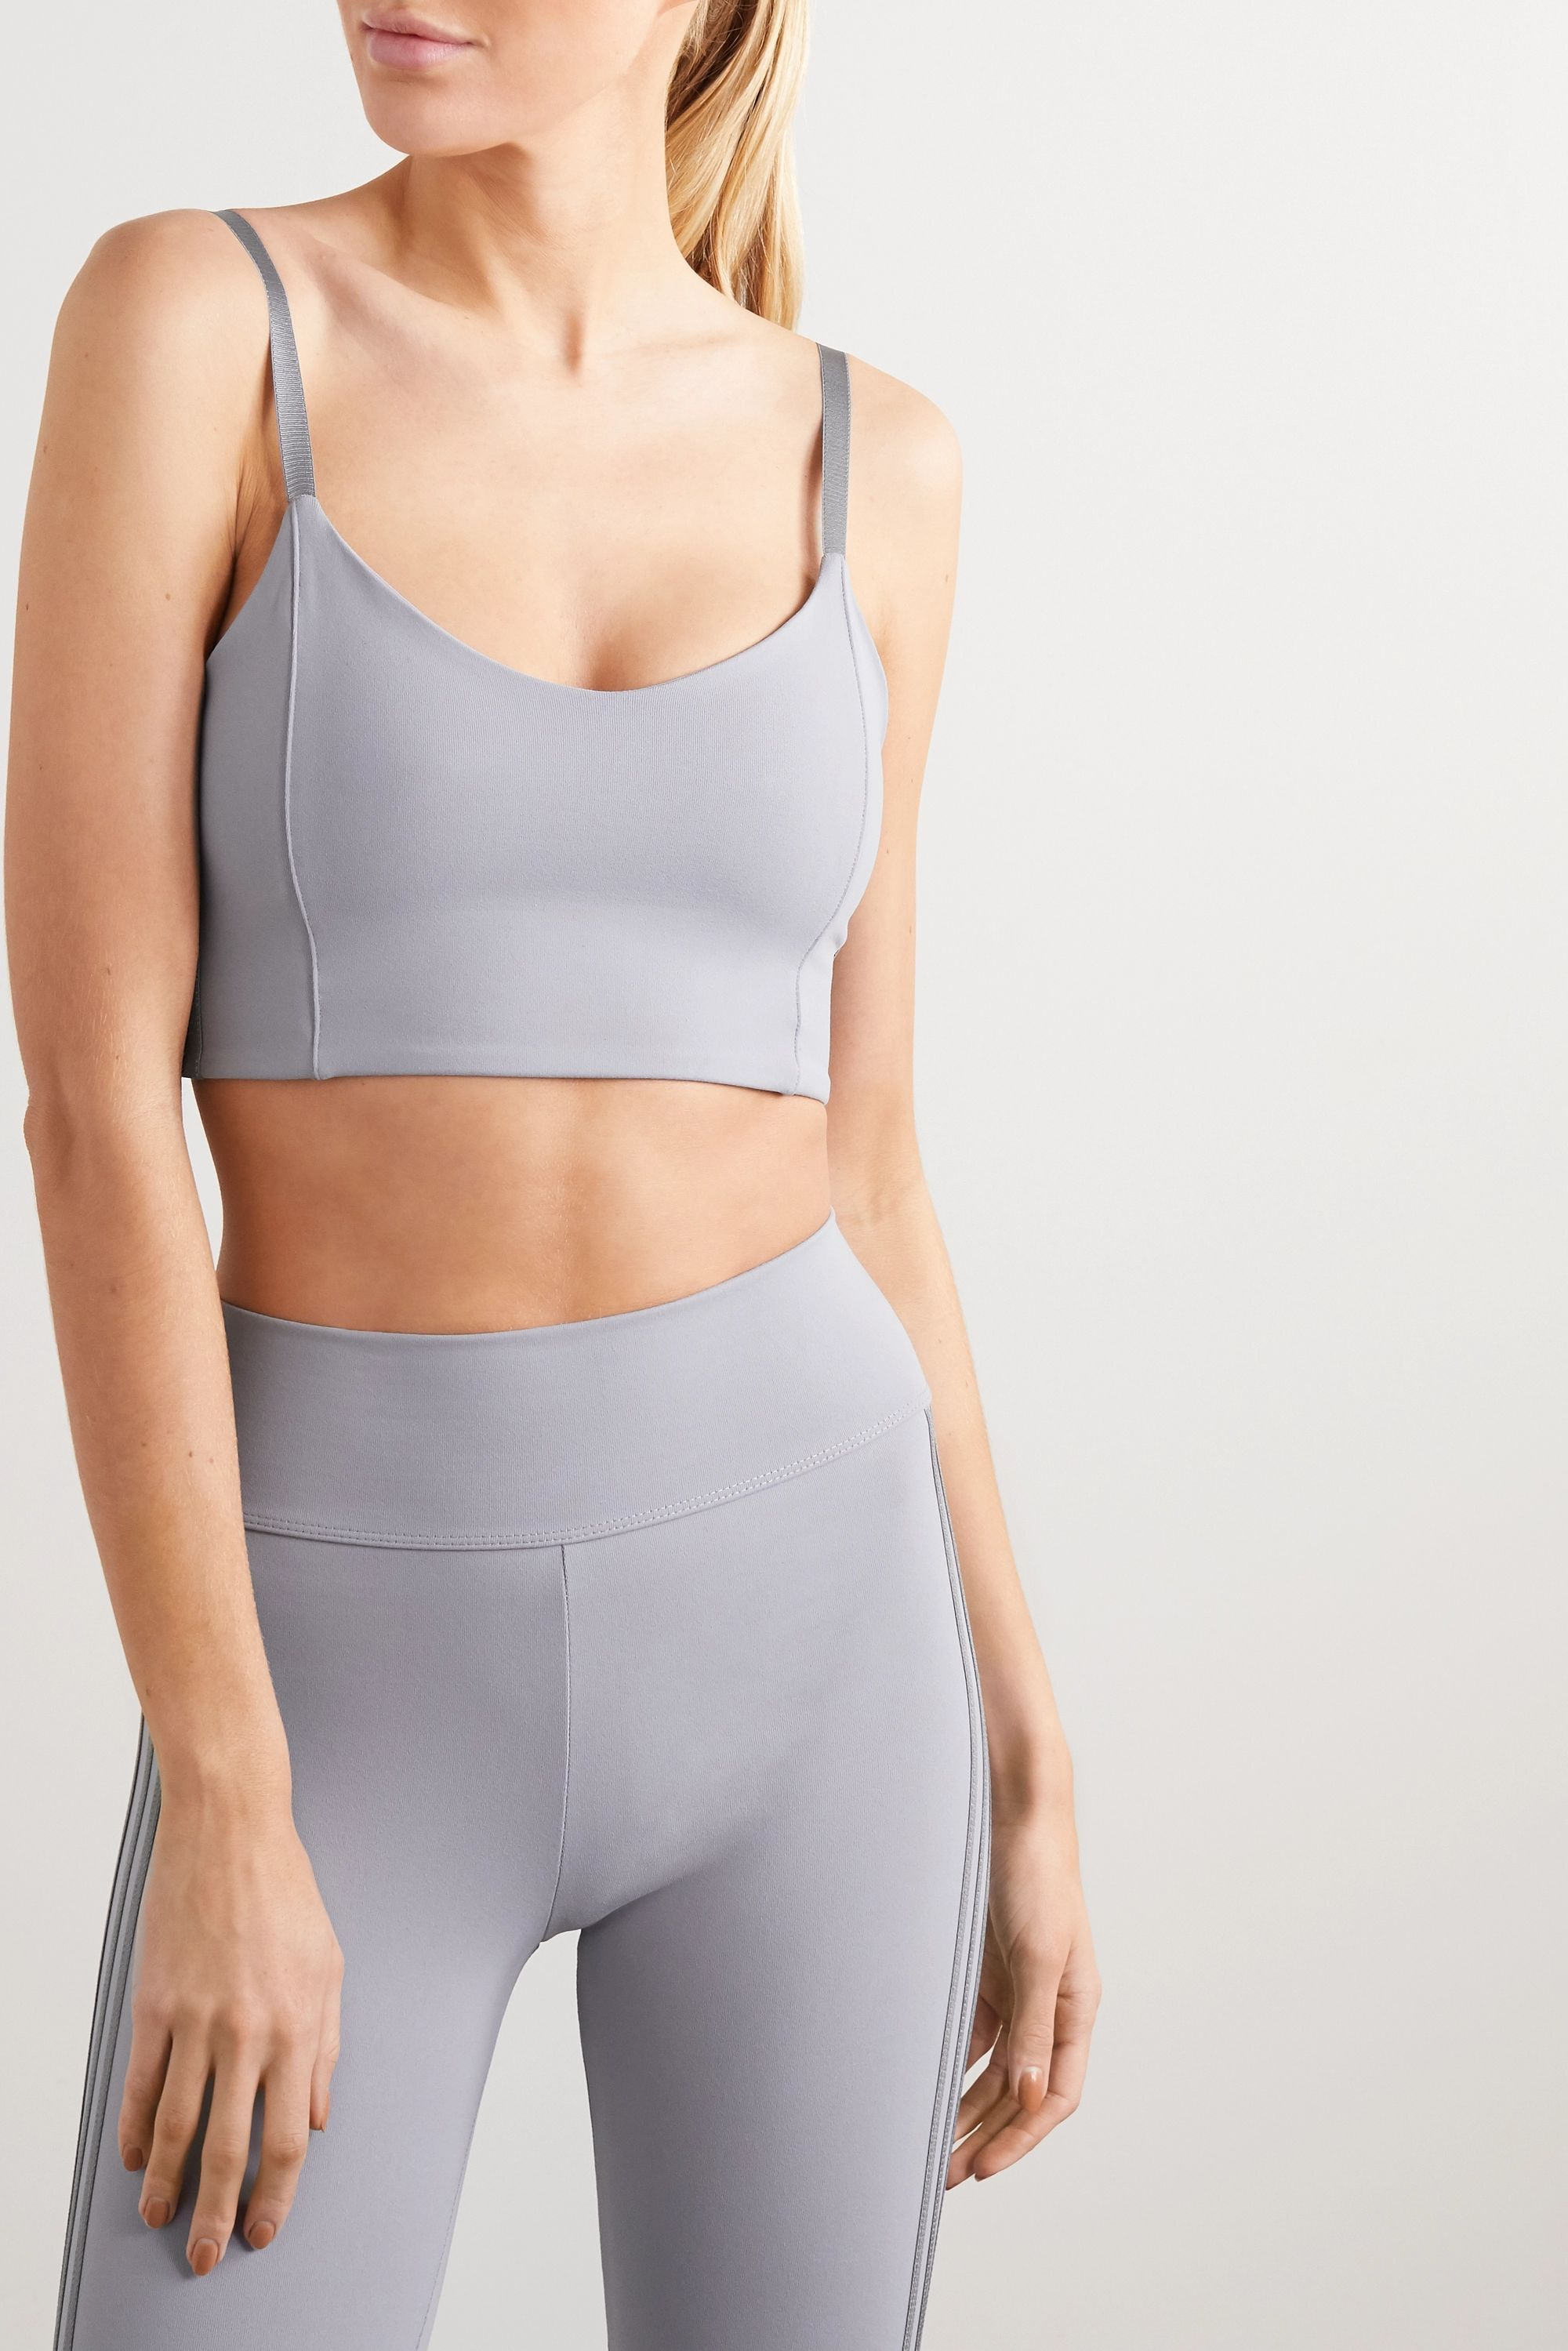 Live The Process Zen stretch-Supplex sports bra